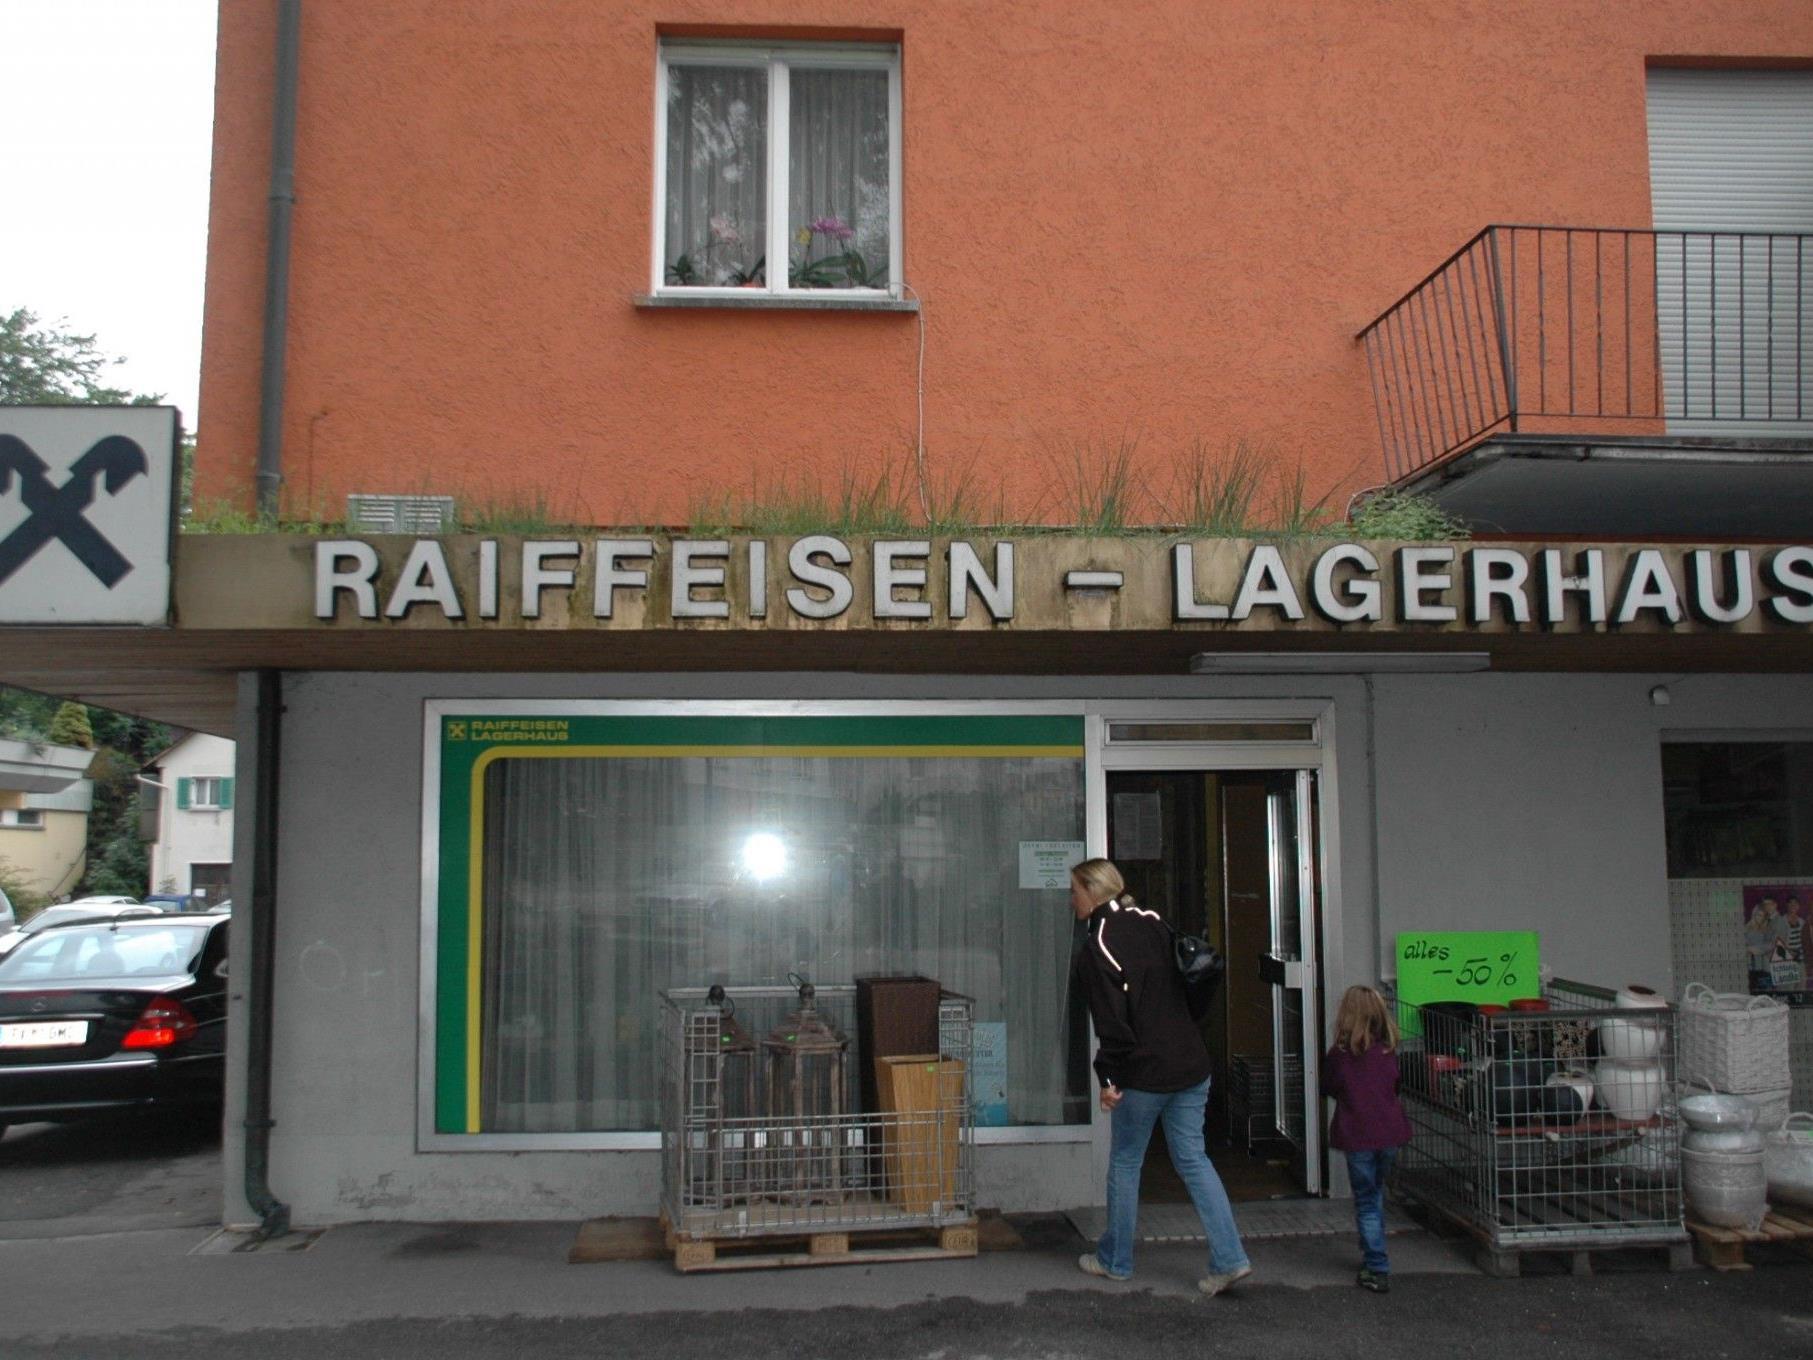 Im November diesen Jahres soll das Raiba Lagerhaus seine Türen für immer schließen.